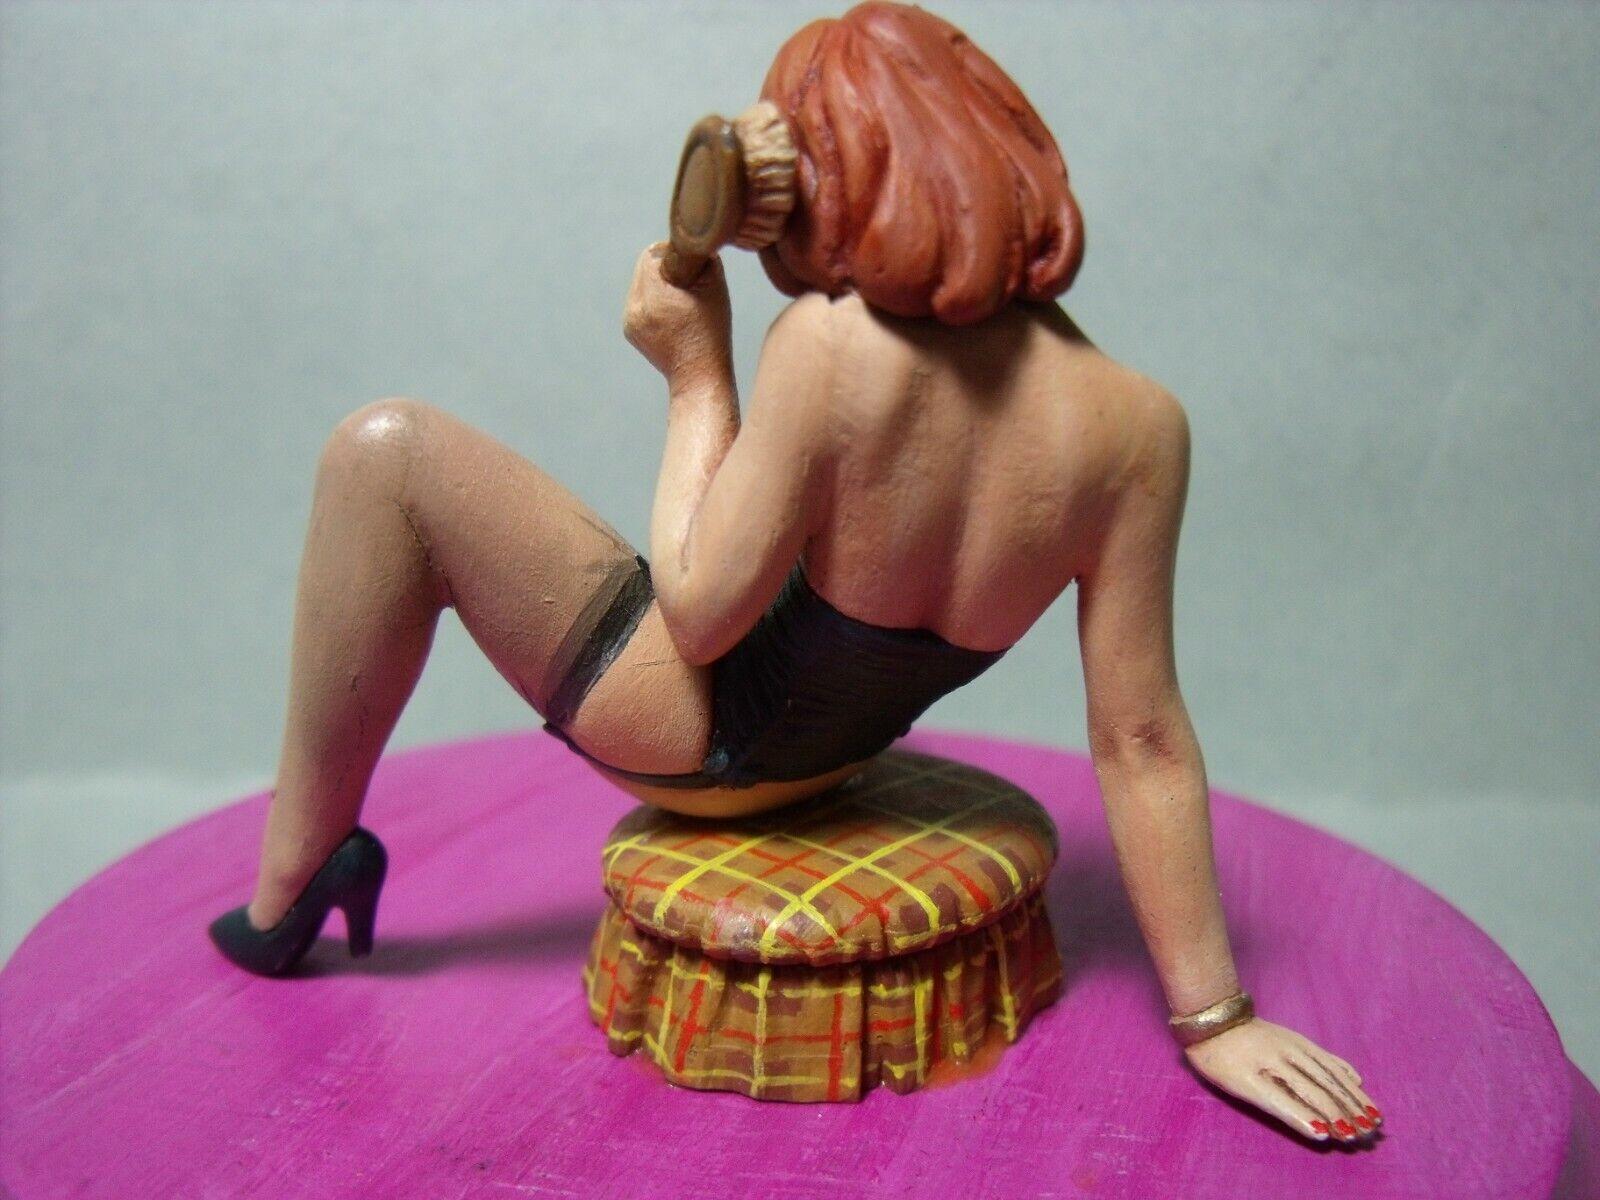 1  18  GIRL  FIGURE  SOPHIE   PAINTED   BY  VROOM   FOR   EXOTO  MINICHAMPS 1 18  sortie de vente pas cher en ligne